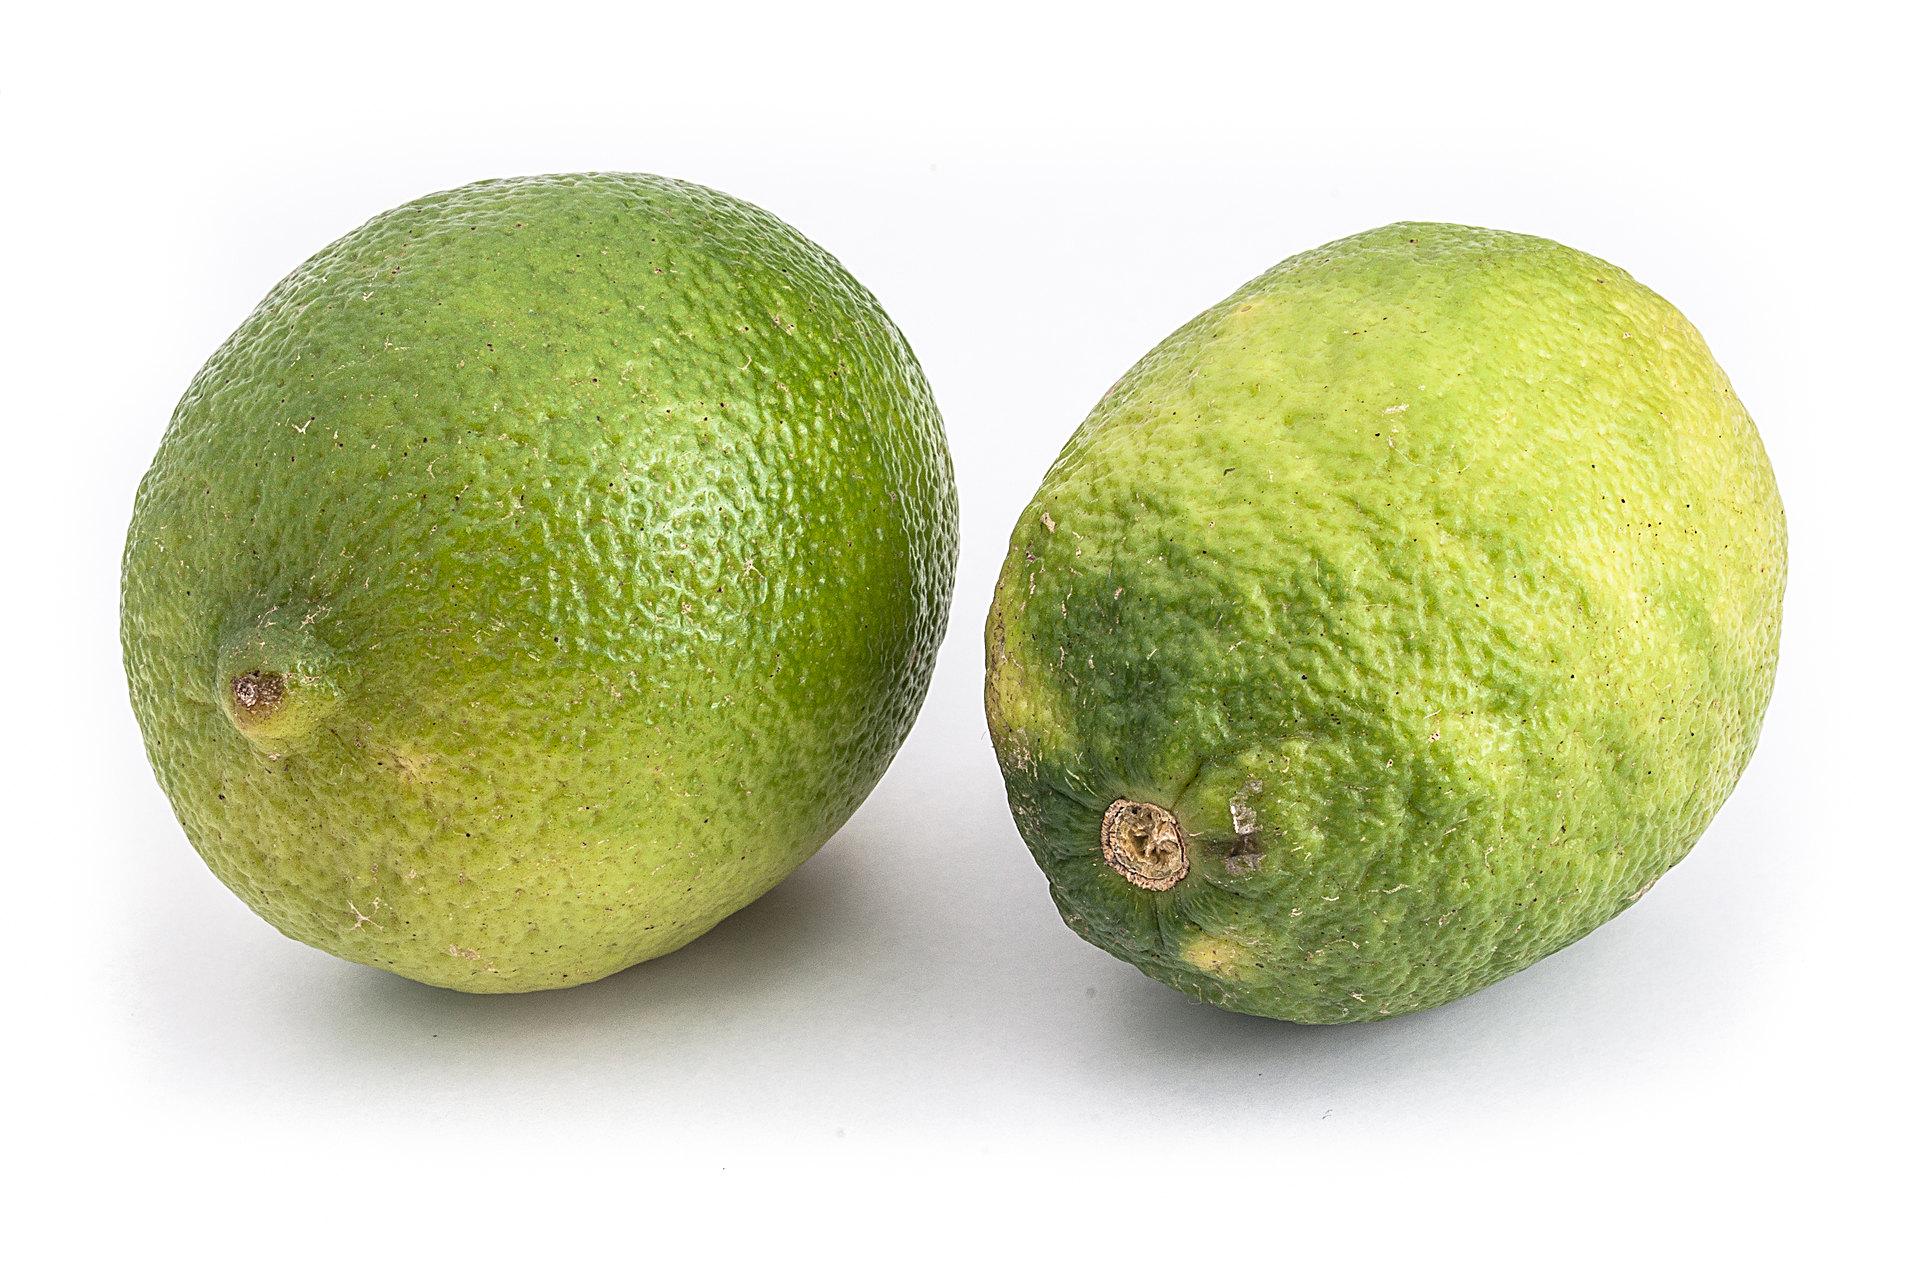 Limette - Citrus × latifolia